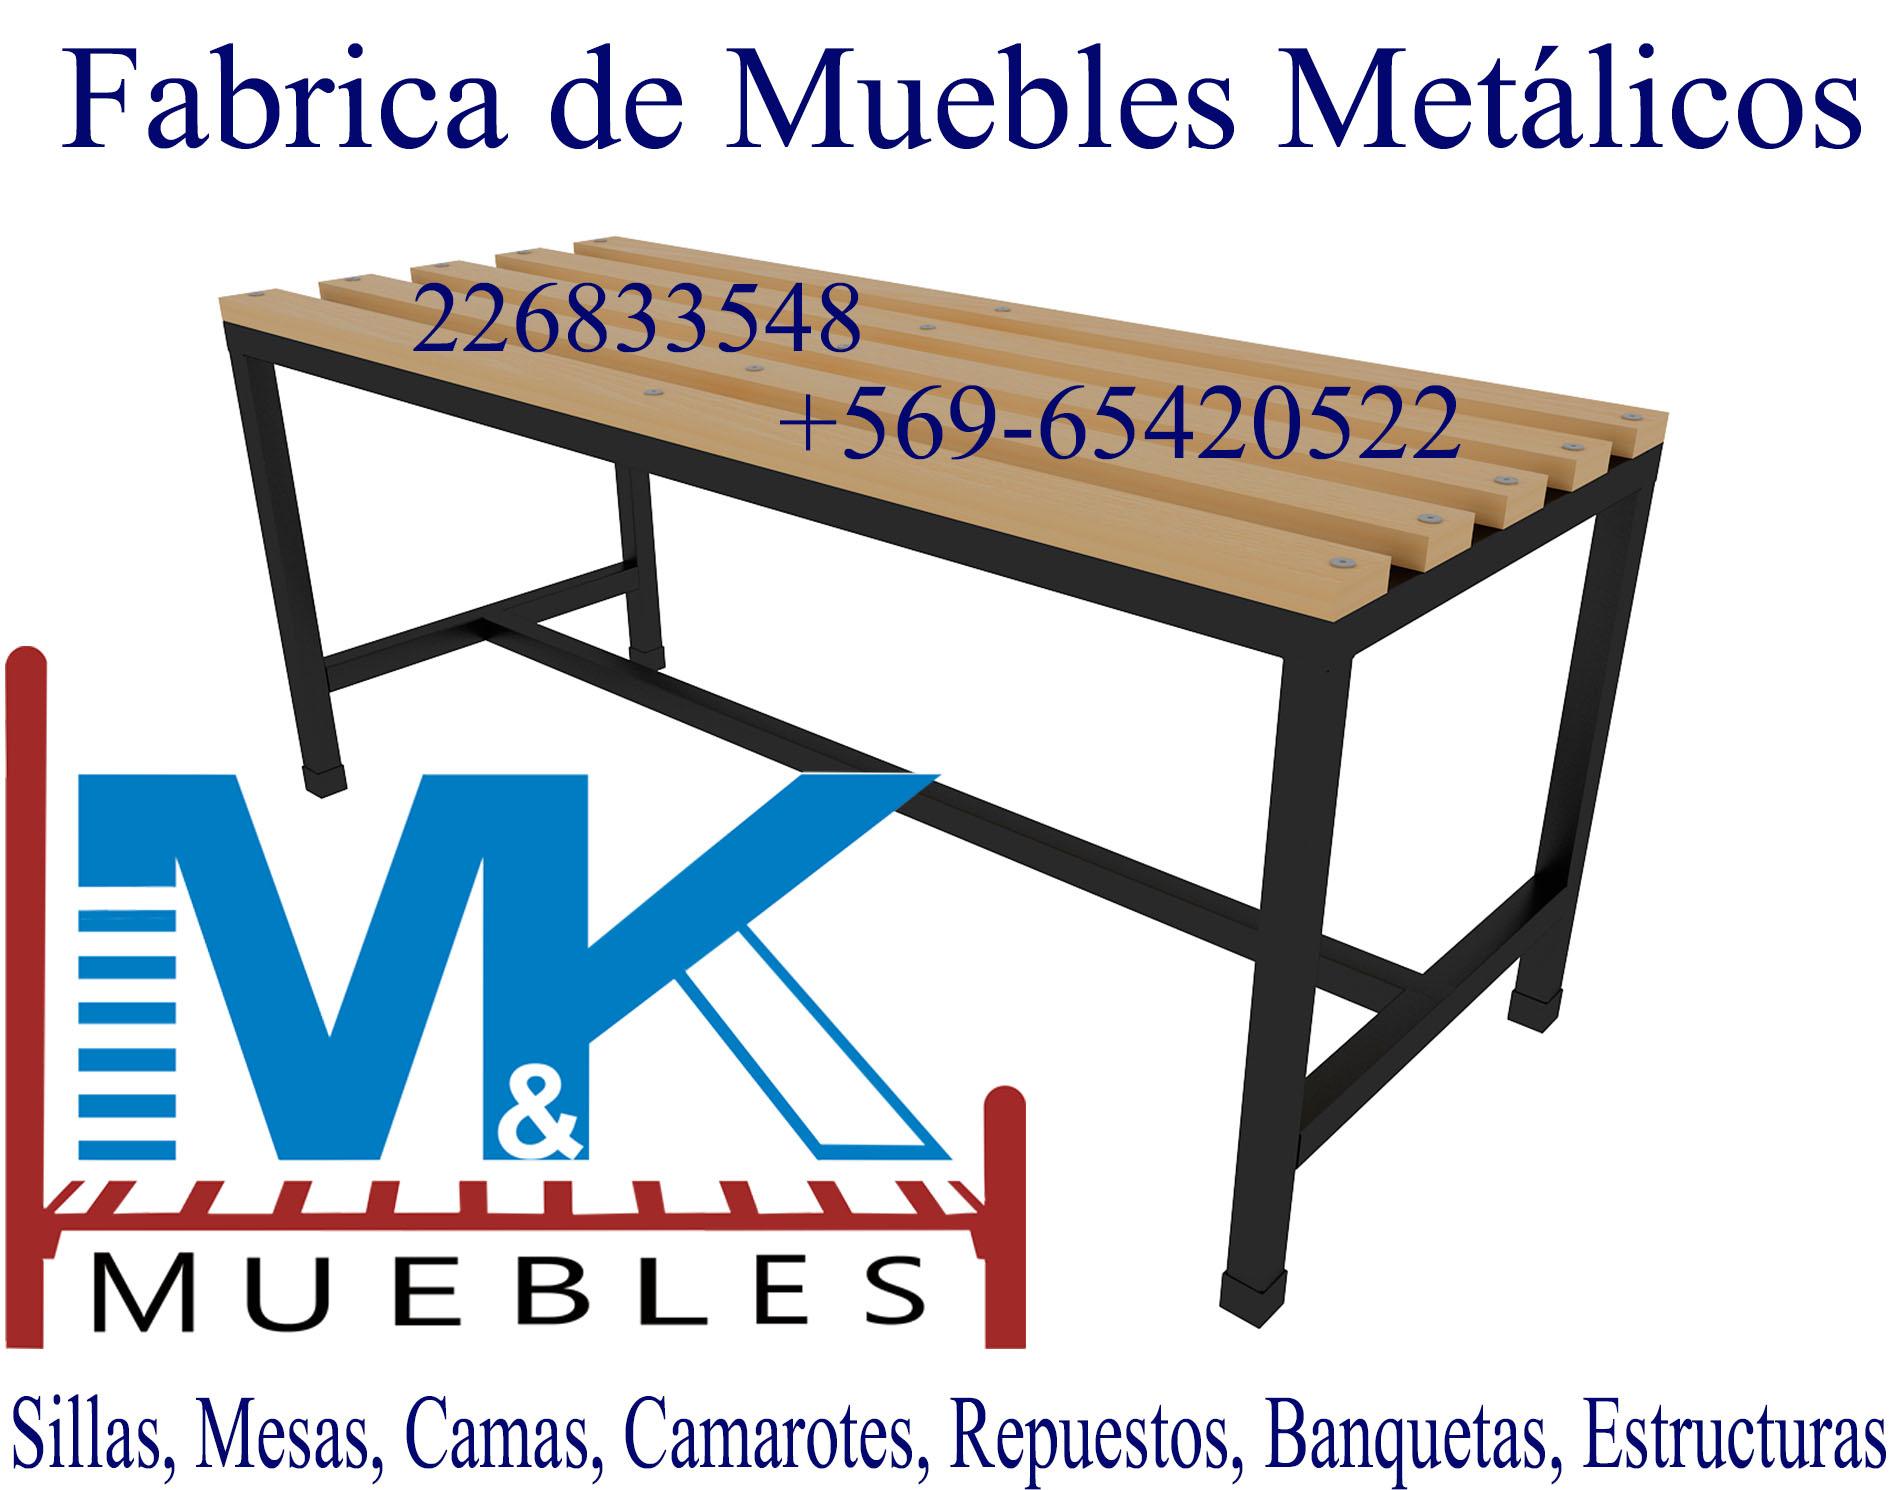 Muebles m k todomercado chile - Estructuras para mesas ...